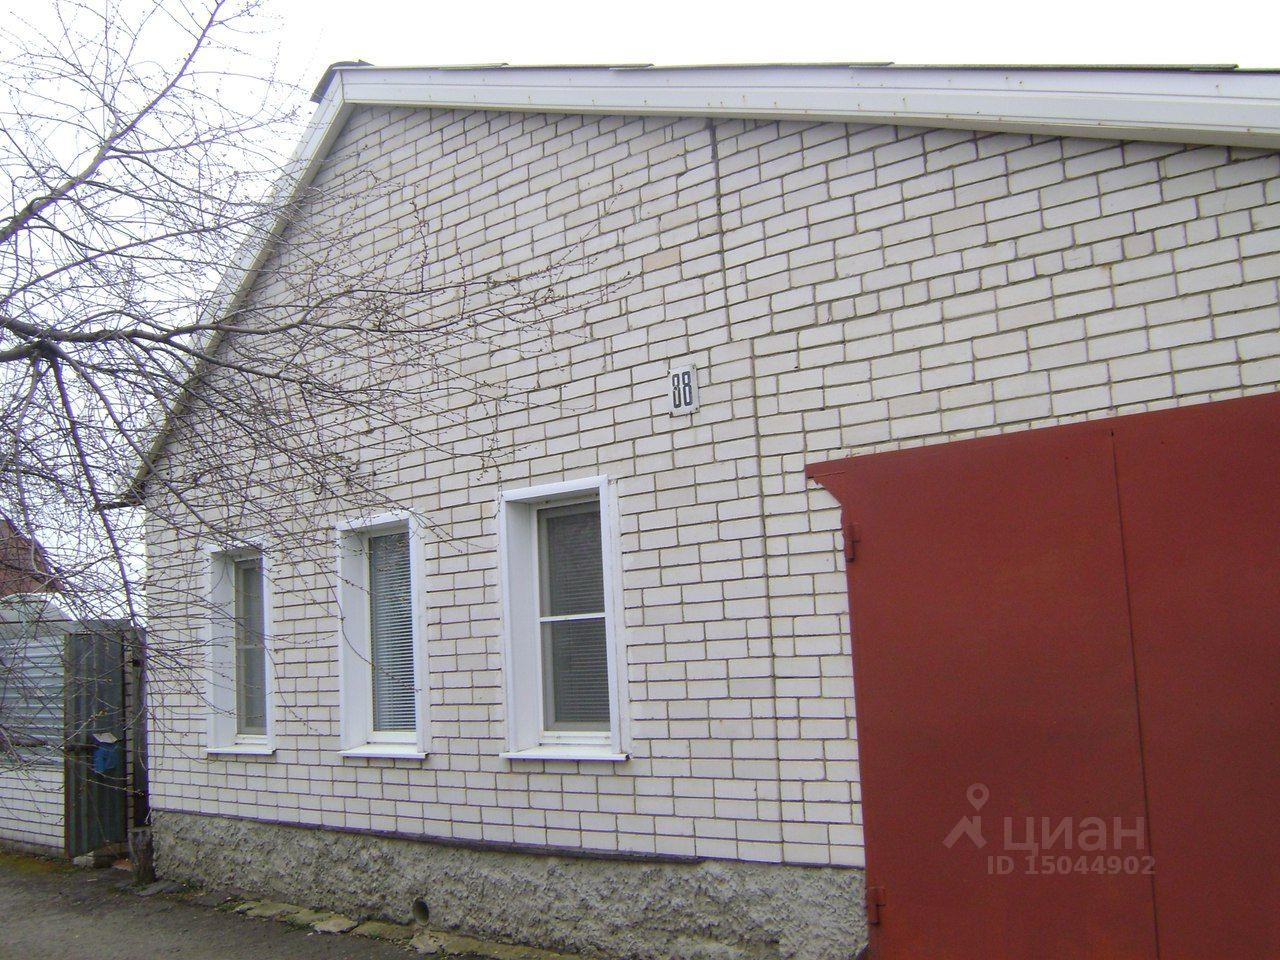 Купить дом 80м² ул. Фридриха Энгельса, Тамбов, Тамбовская область, р-н Ленинский - база ЦИАН, объявление 186042456